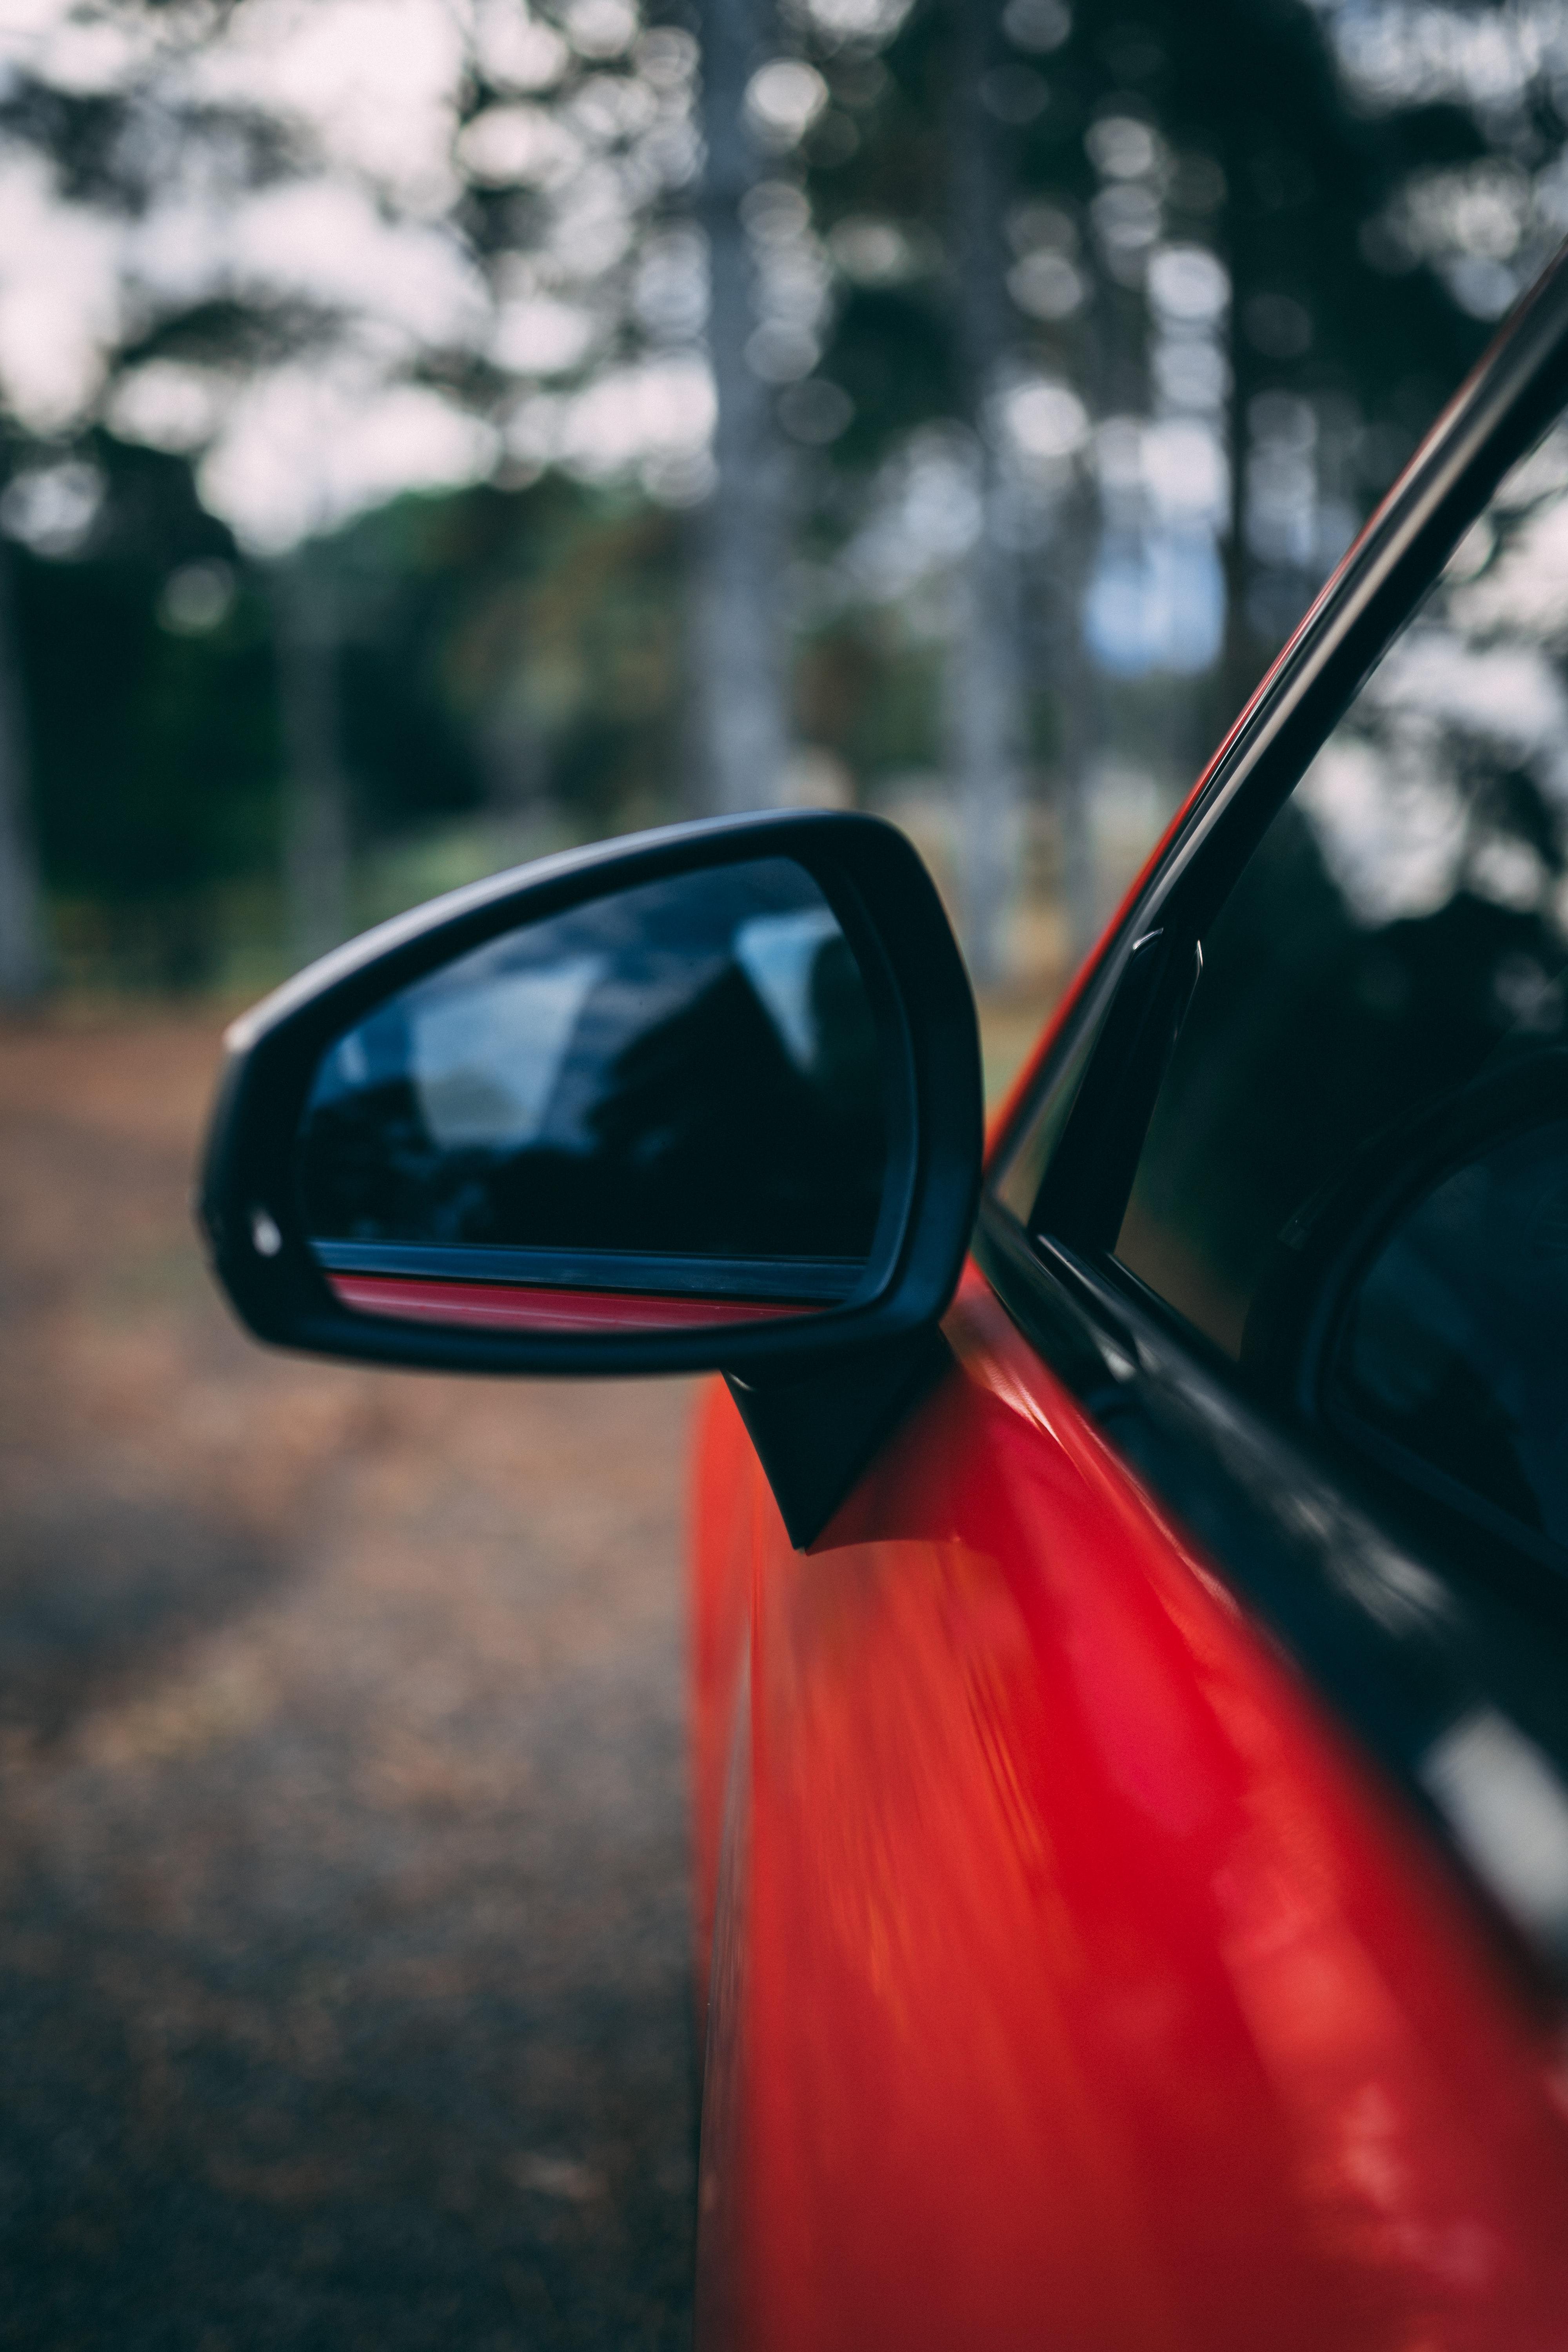 86841 télécharger le fond d'écran Voitures, Audi S3, Audi, Une Voiture, Machine, Miroir - économiseurs d'écran et images gratuitement